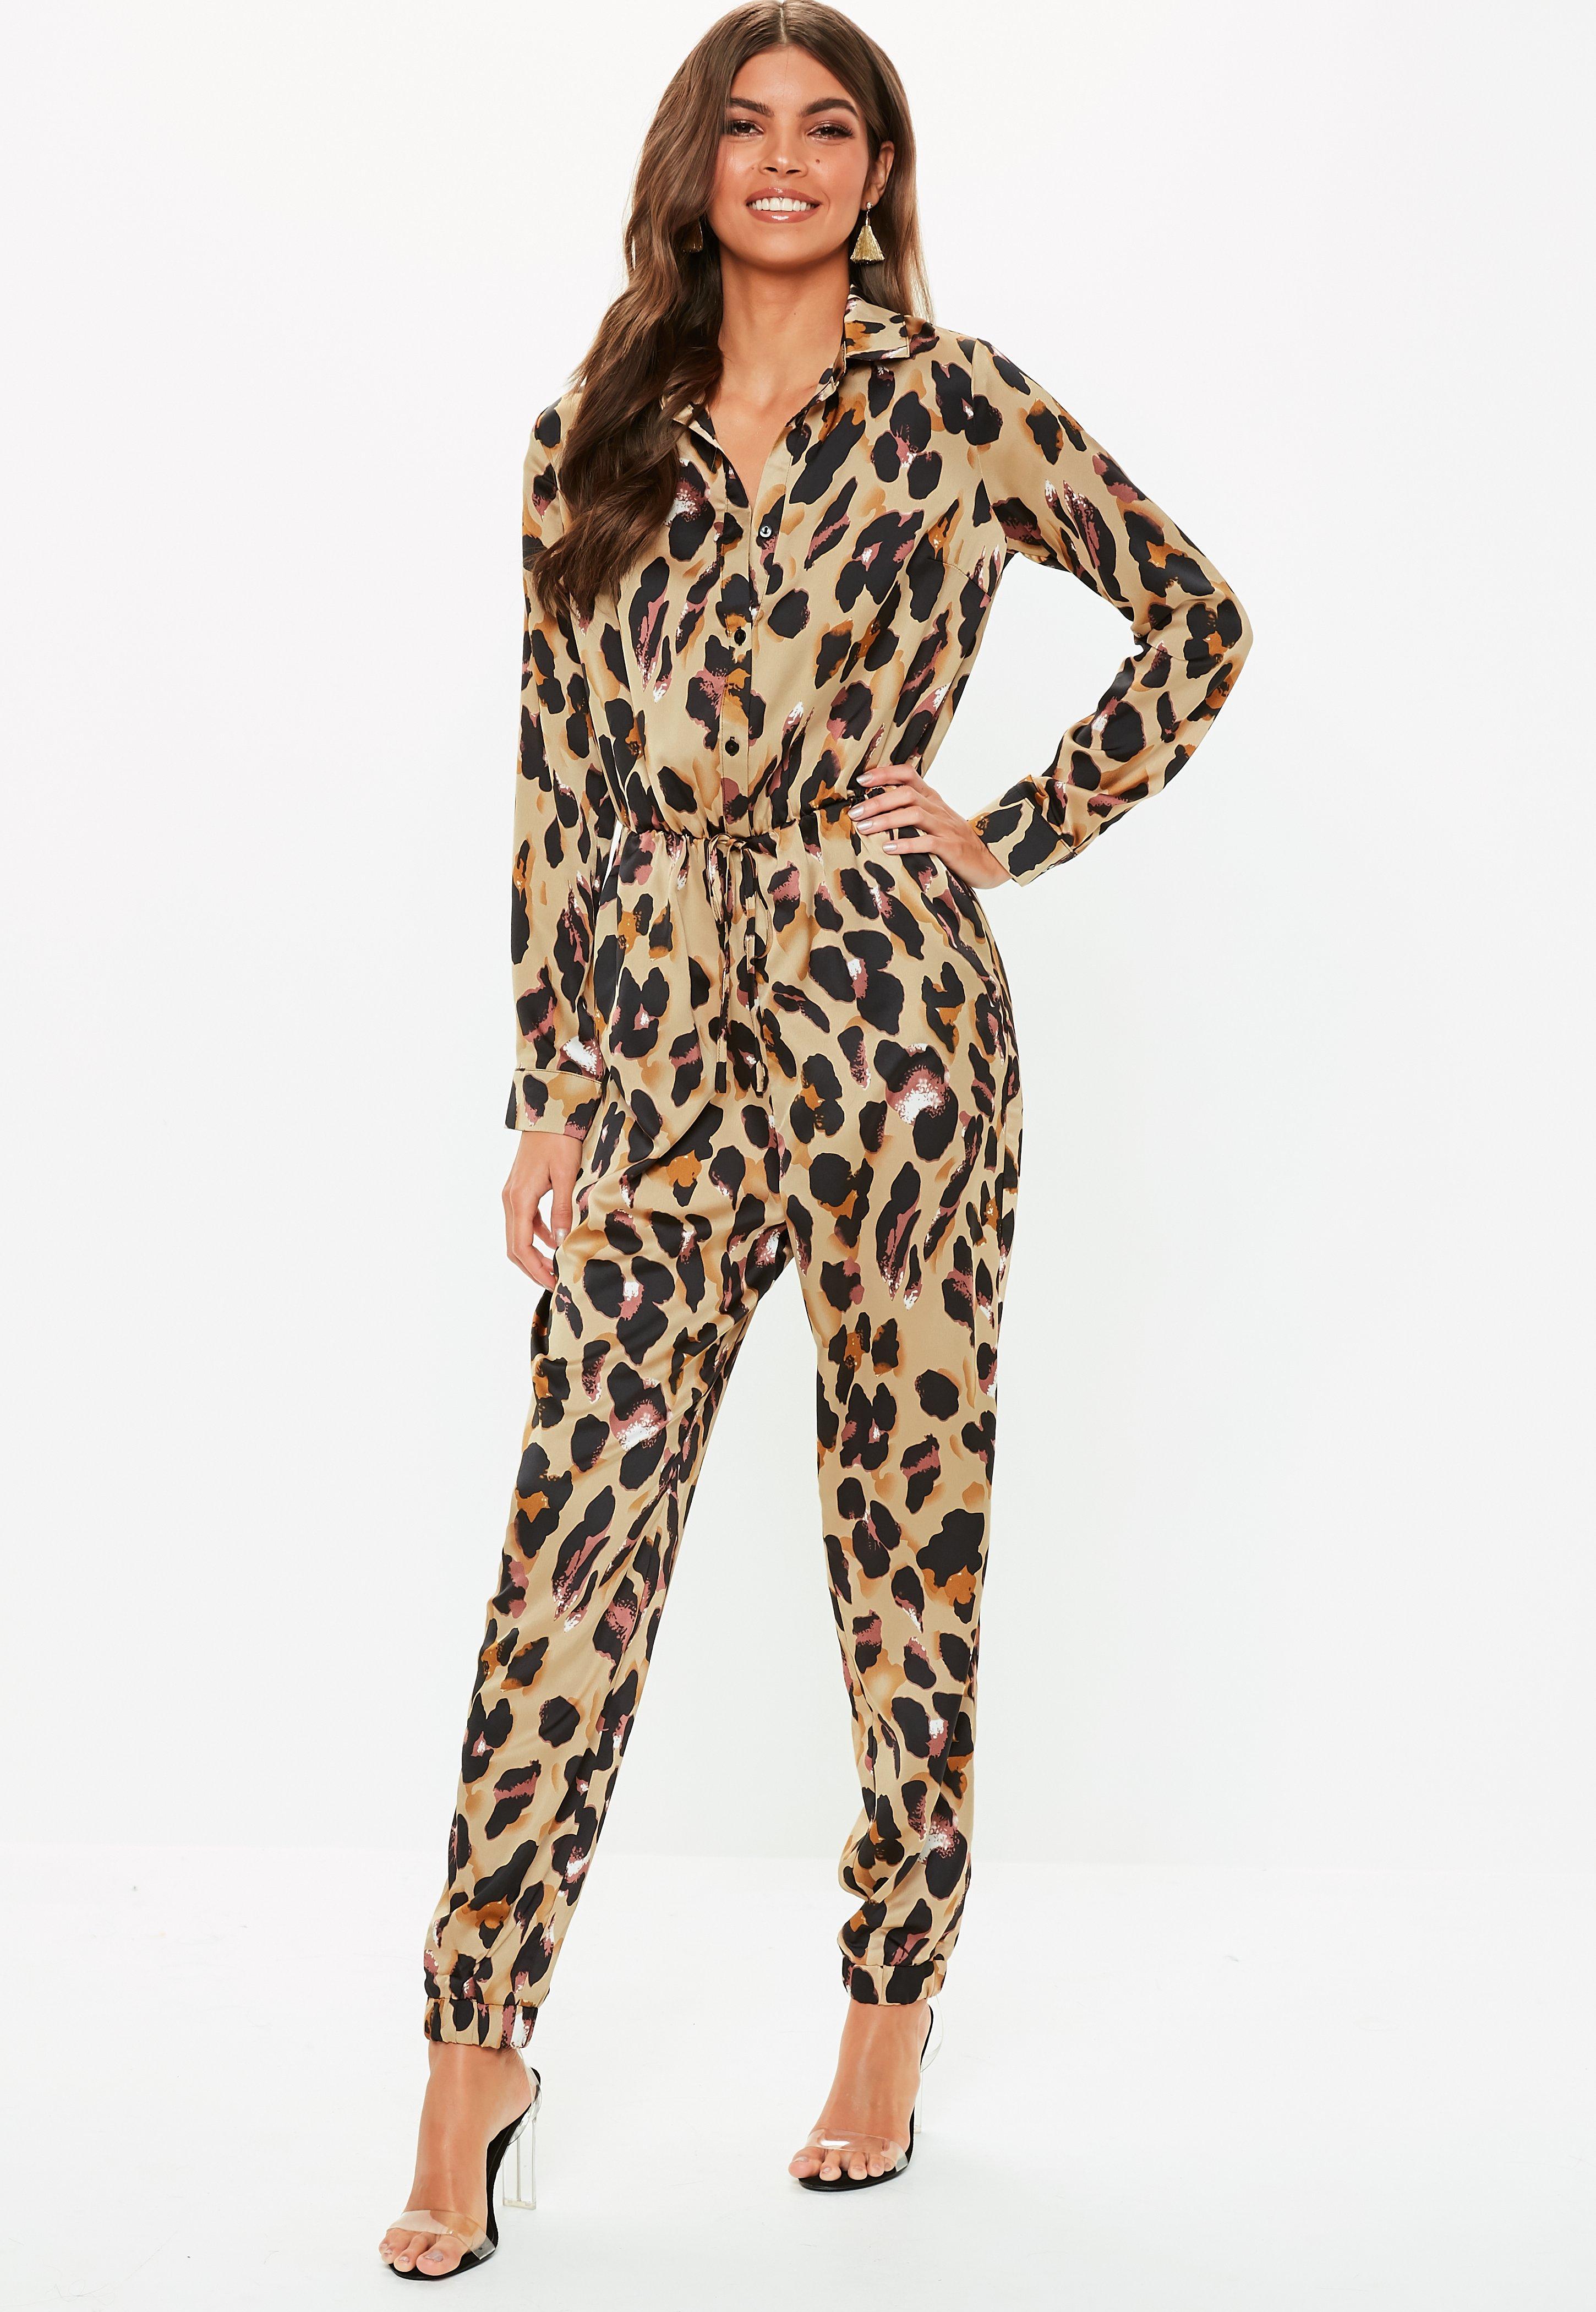 Leopard Print Dresses  b019312f7